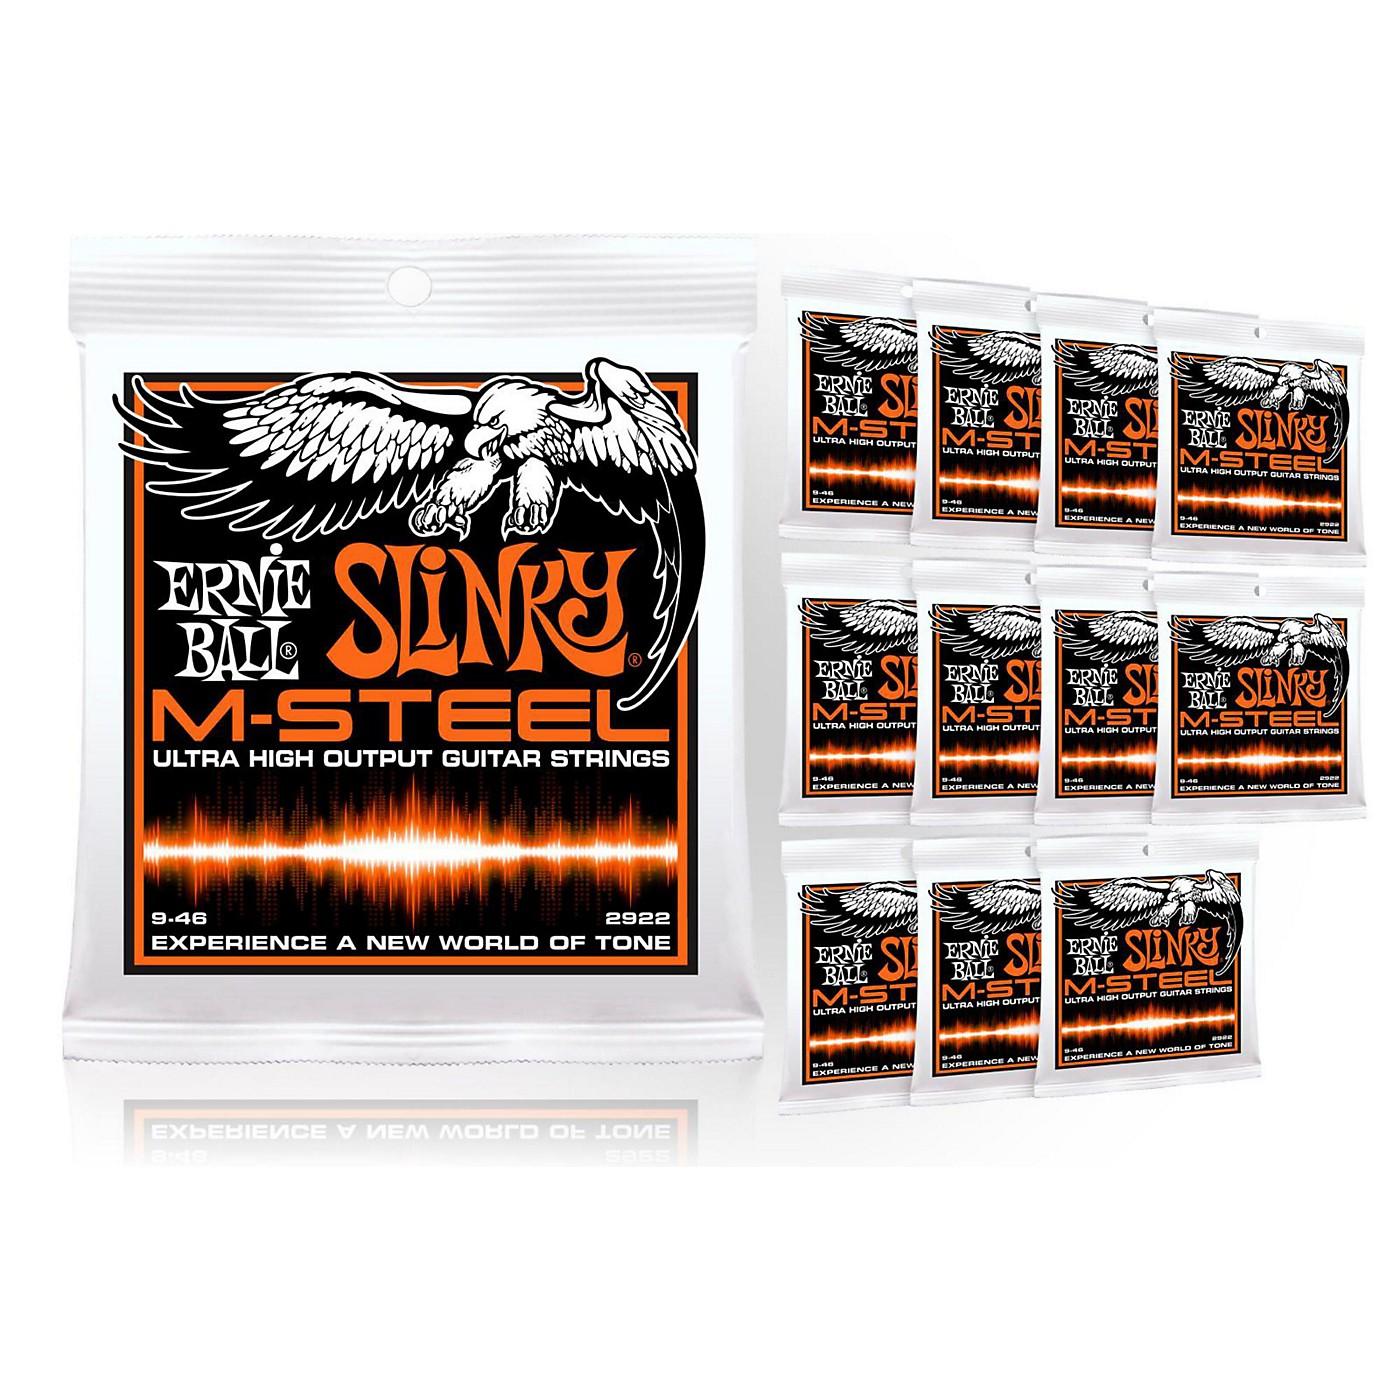 Ernie Ball 2922 M-Steel Hybrid Slinky Electric Guitar Strings - Buy 10, Get 2 FREE thumbnail